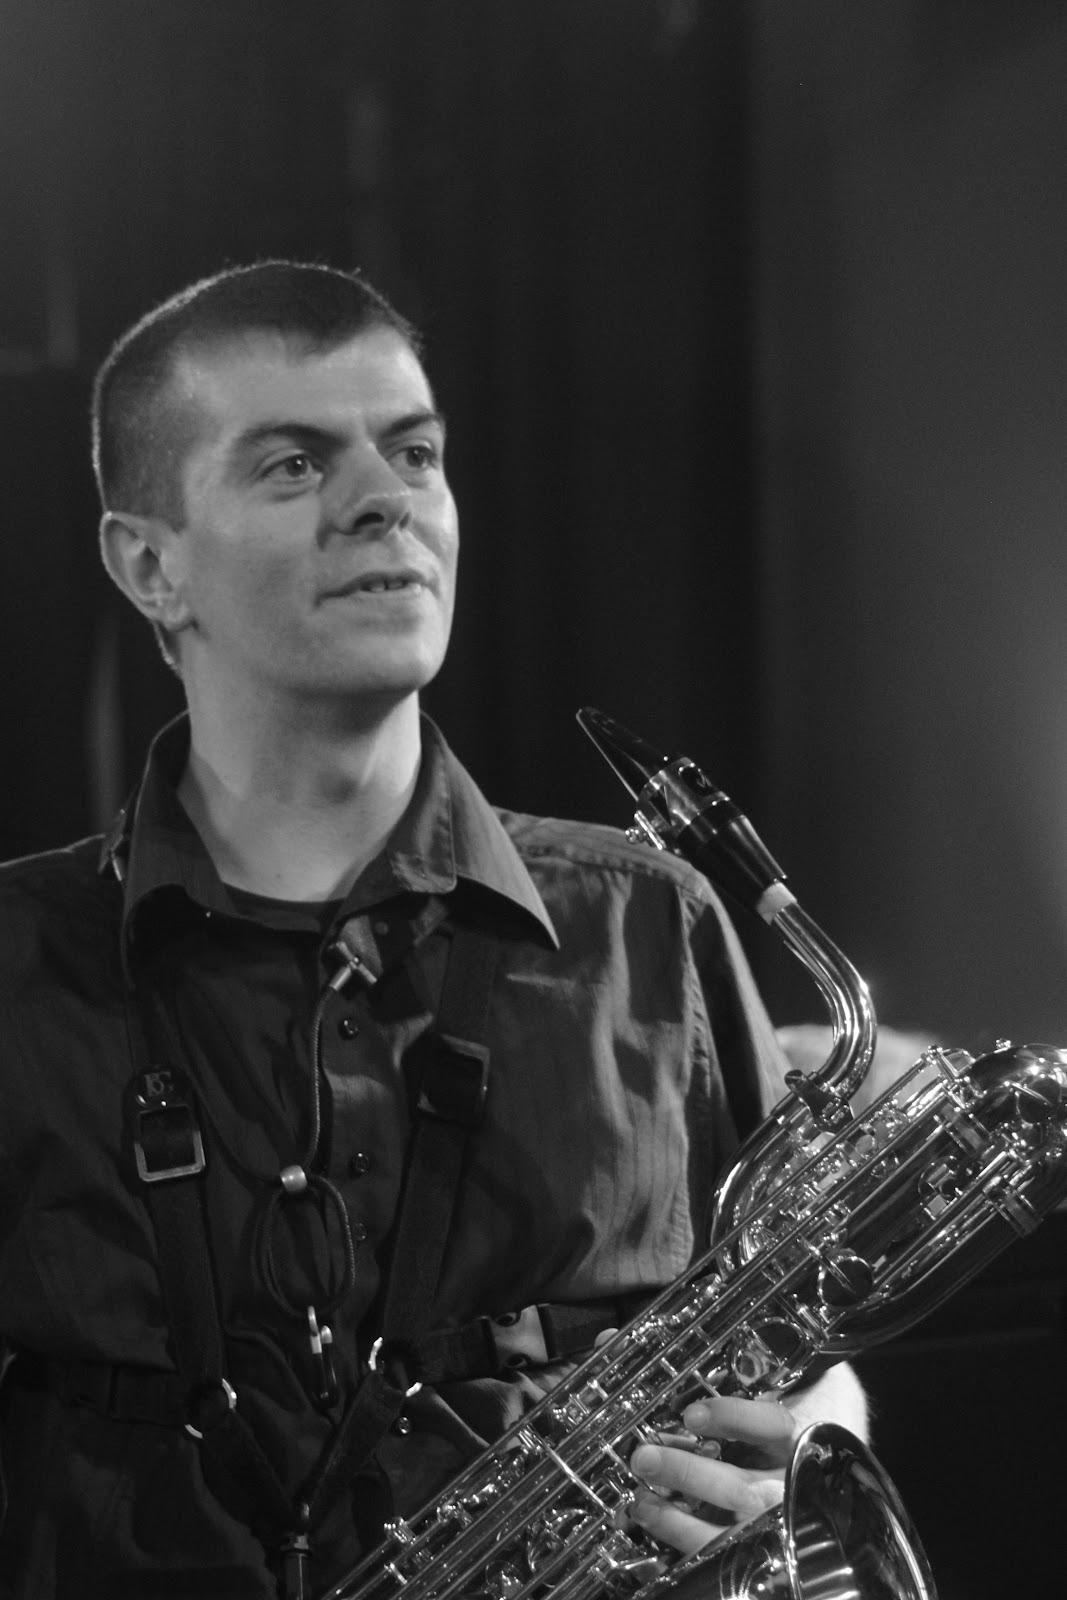 Conservatoire de musique de chaumont l 39 quipe enseignante for Christophe chaumont